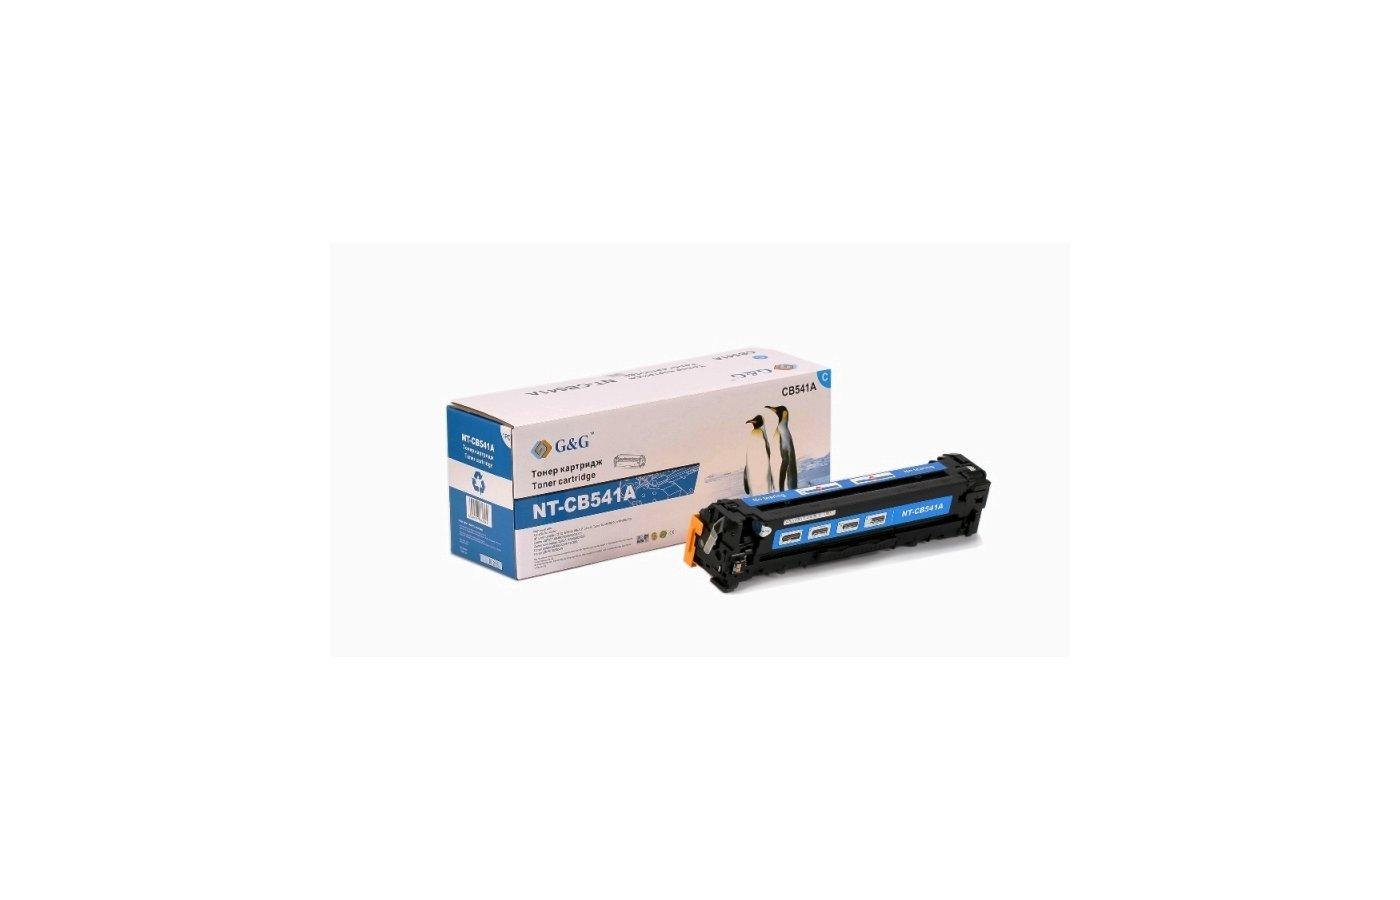 Картридж лазерный GG NT-CB541A Совместимый голубой для HP Color LaserJet CM1312 CP1215/1515/1518 (1400 стр)